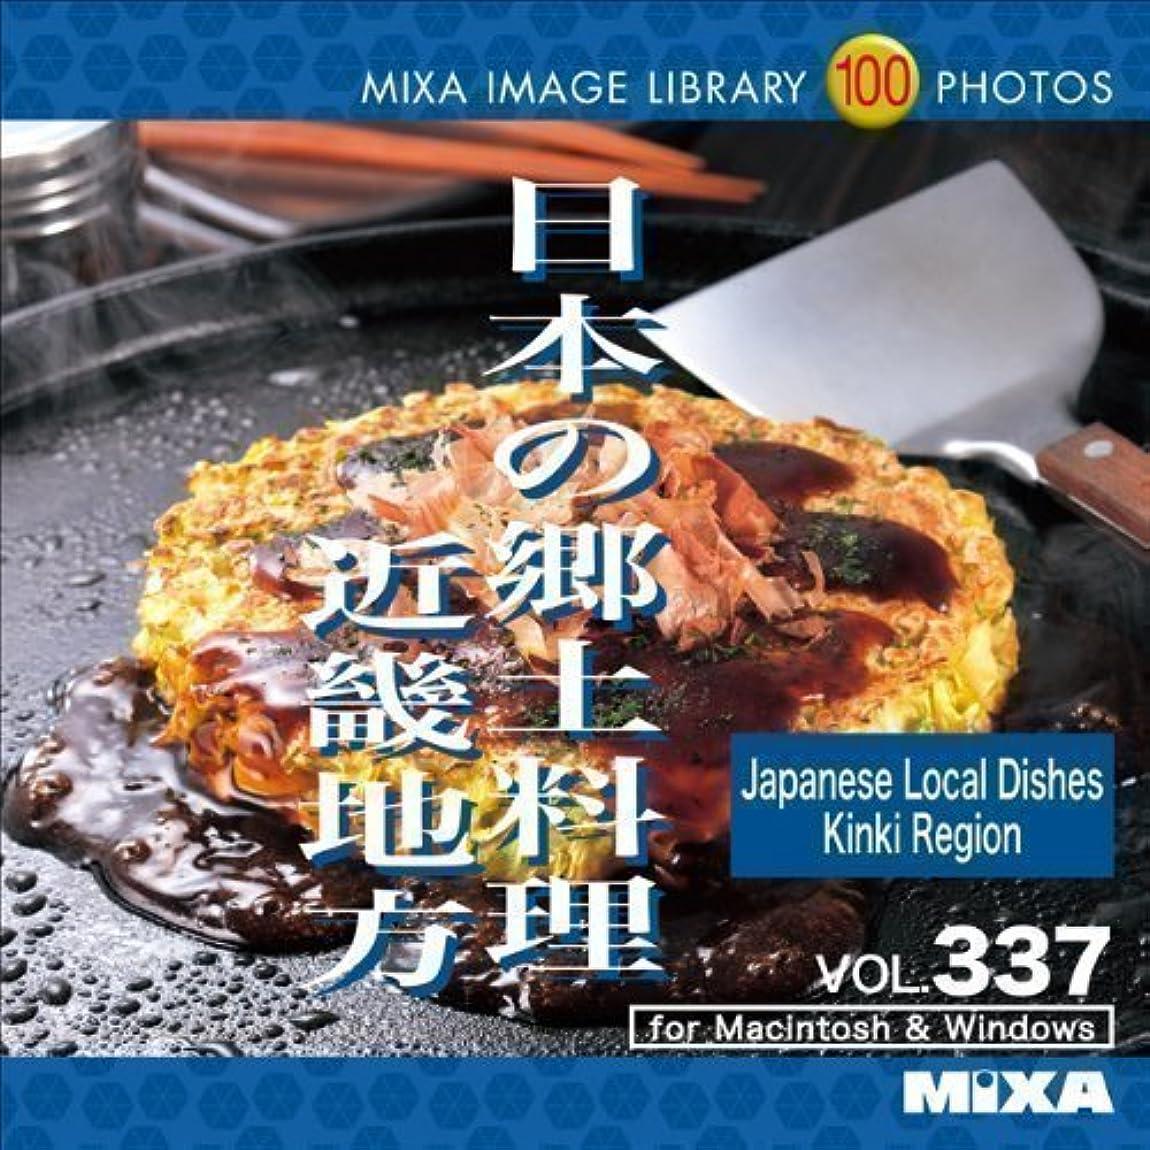 マガジン現実的ホップMIXA IMAGE LIBRARY Vol.337 日本の郷土料理 近畿地方